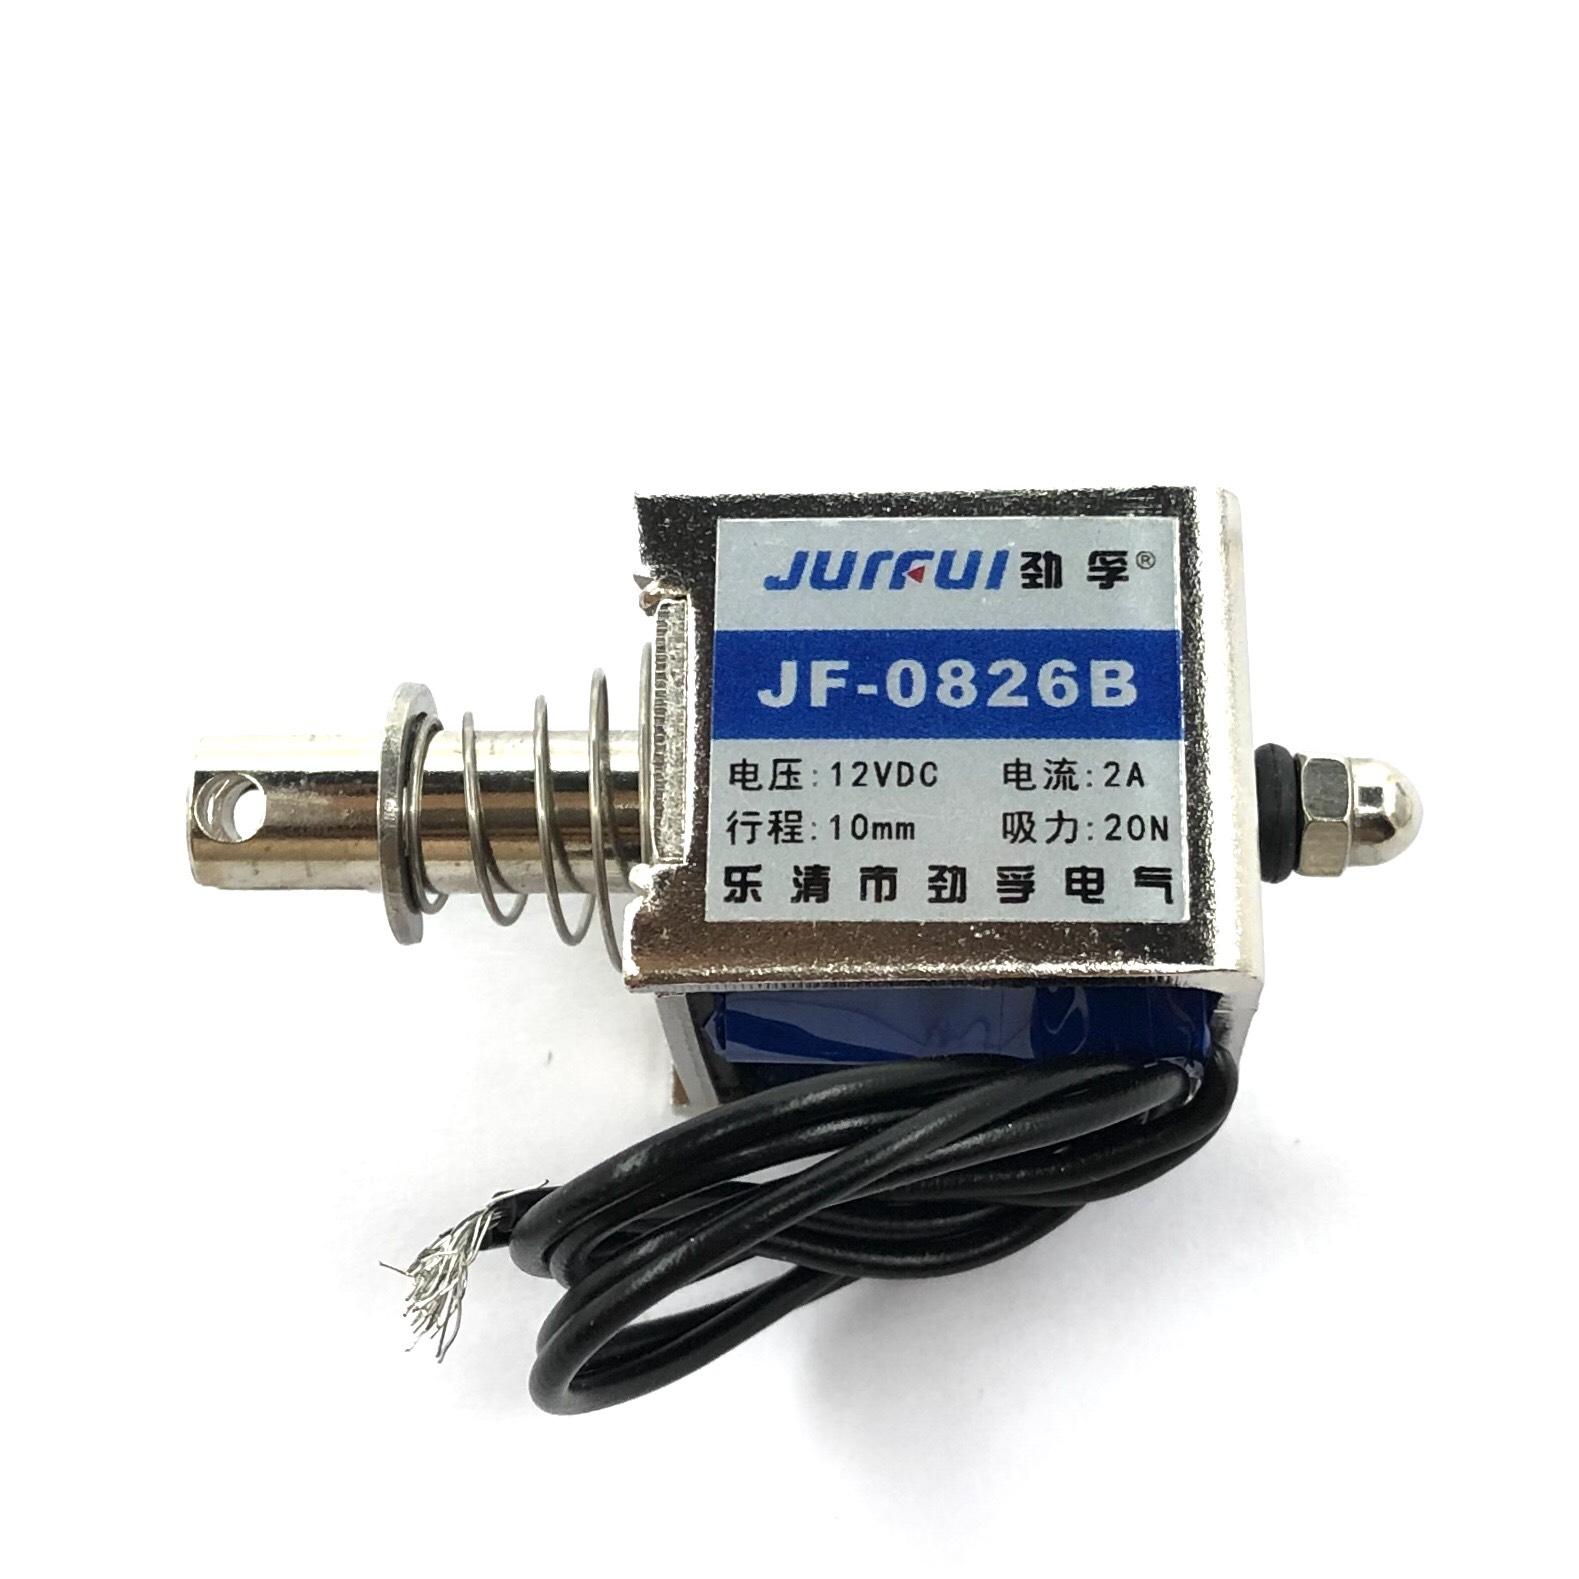 Cuộn Hút Mini 12V JF-0826B 2A 20N 10mm